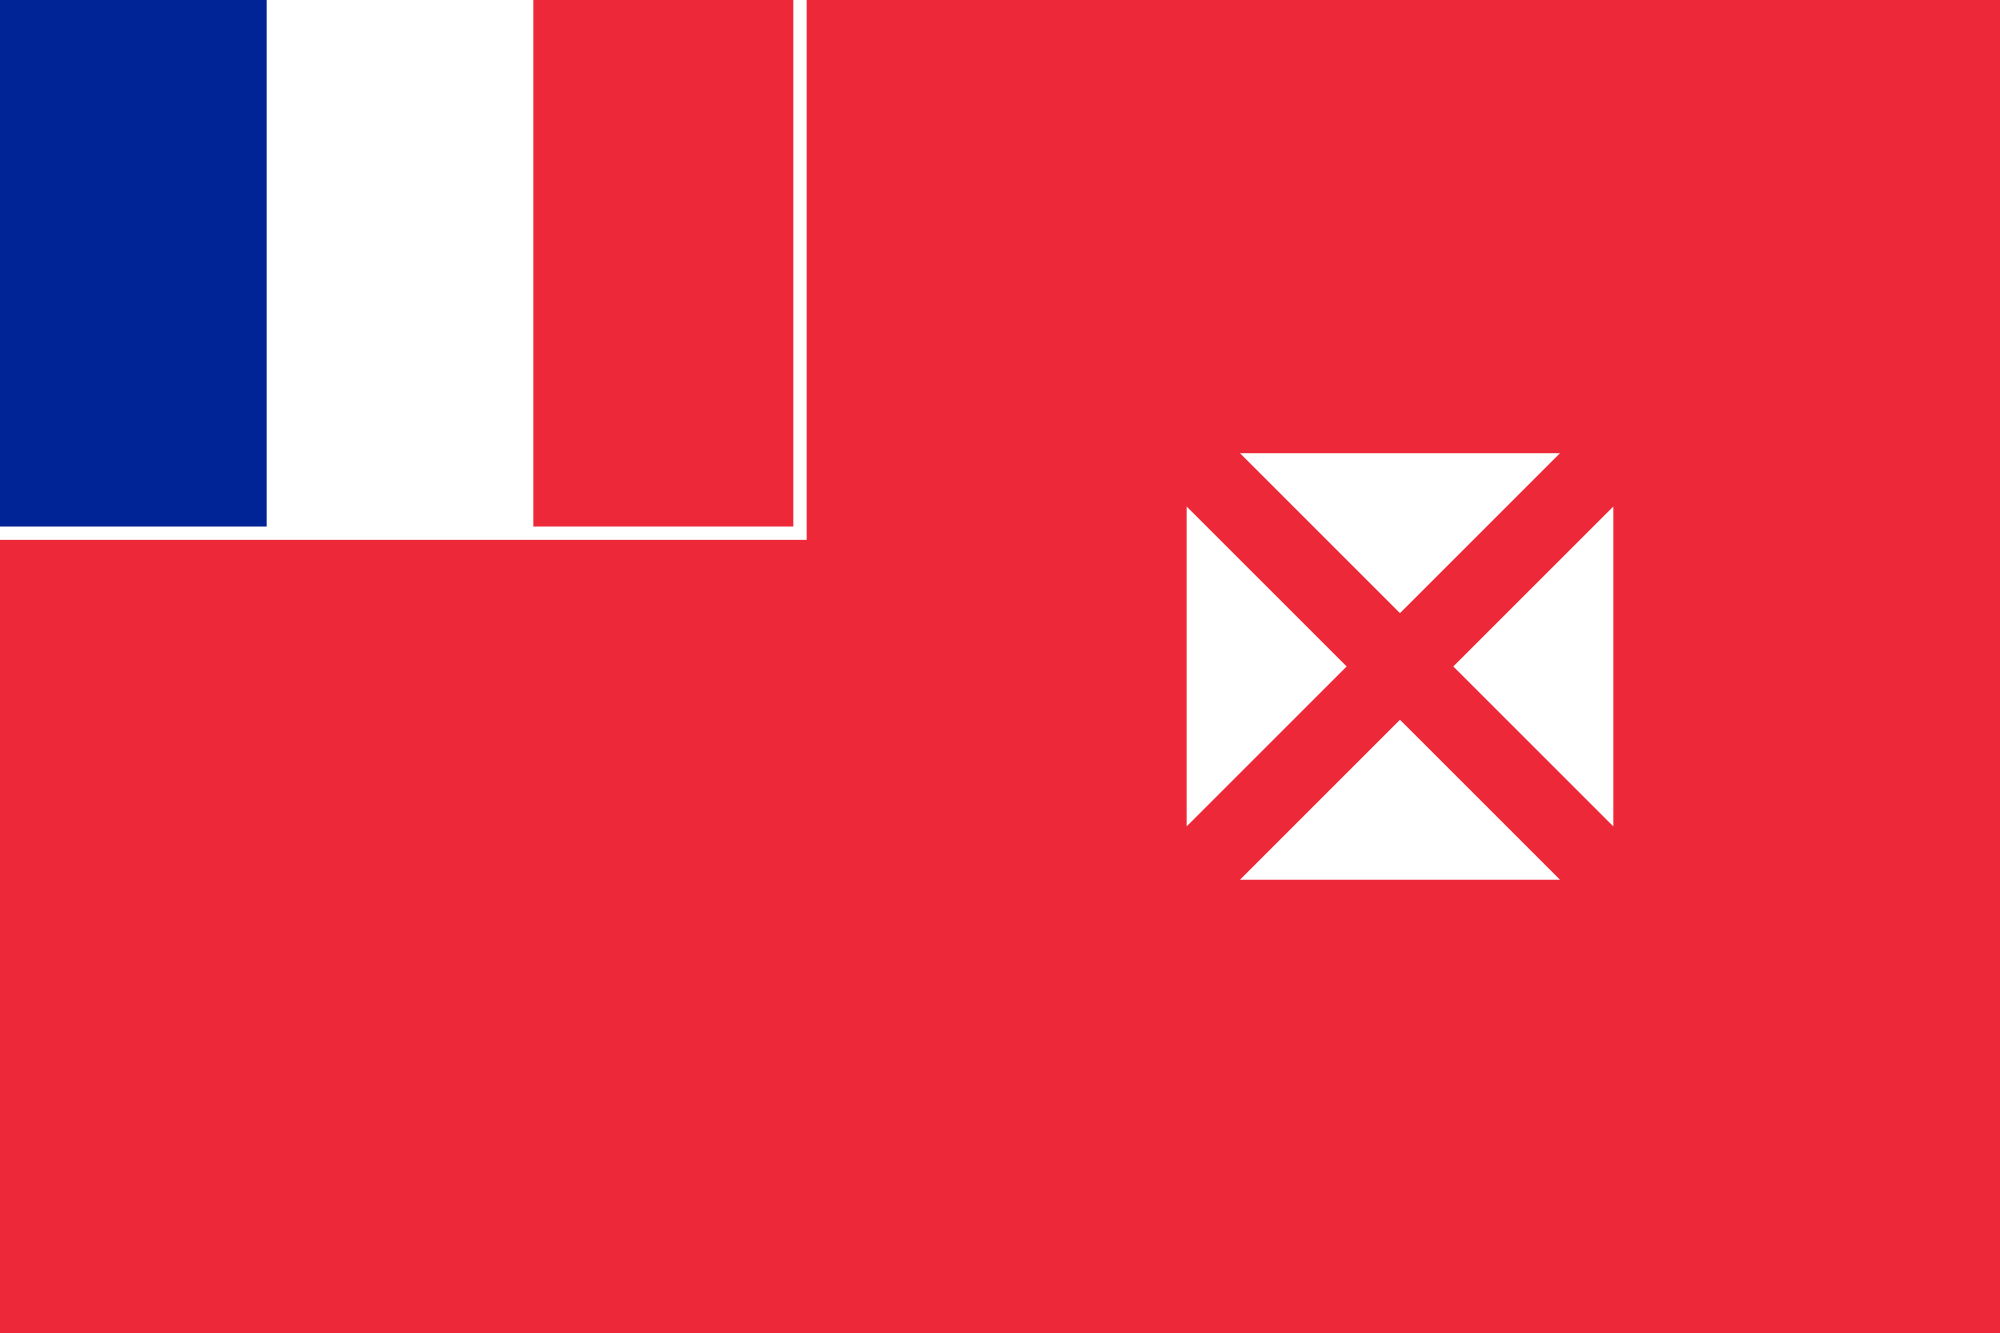 Уоллис и Футуна, страна, Эмблема, логотип, символ - Обои HD - Профессор falken.com